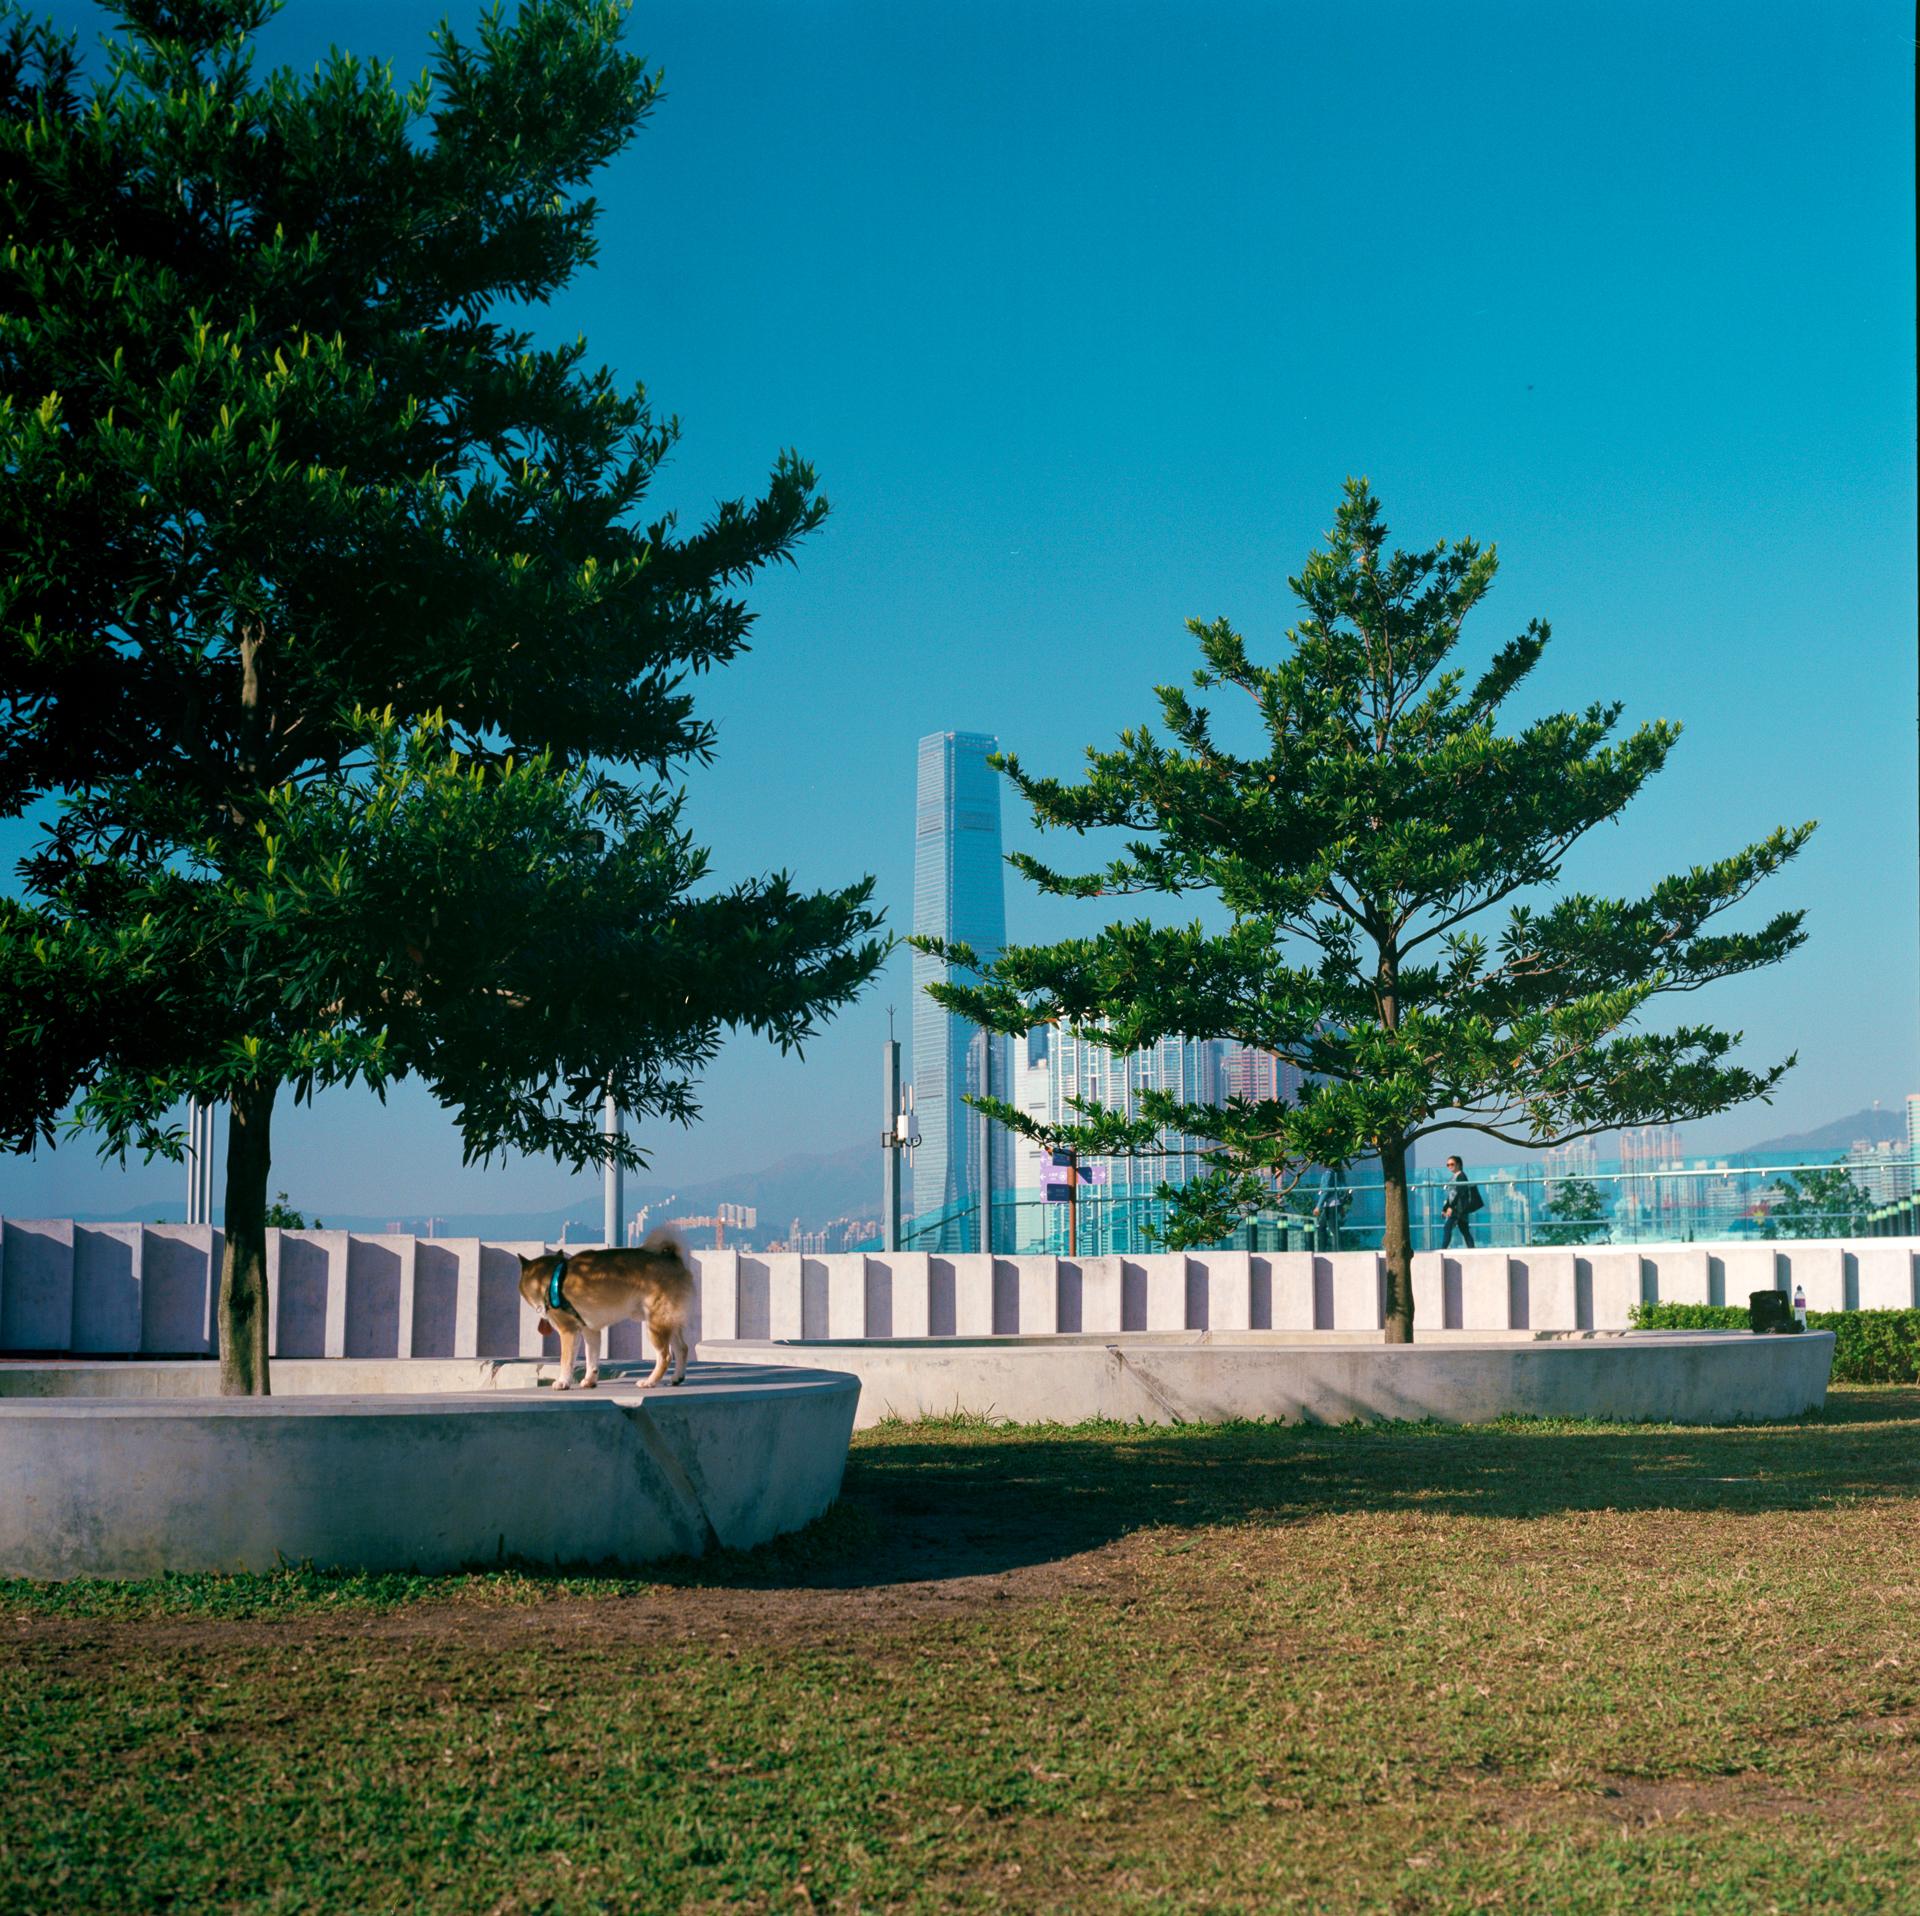 Central Promenade